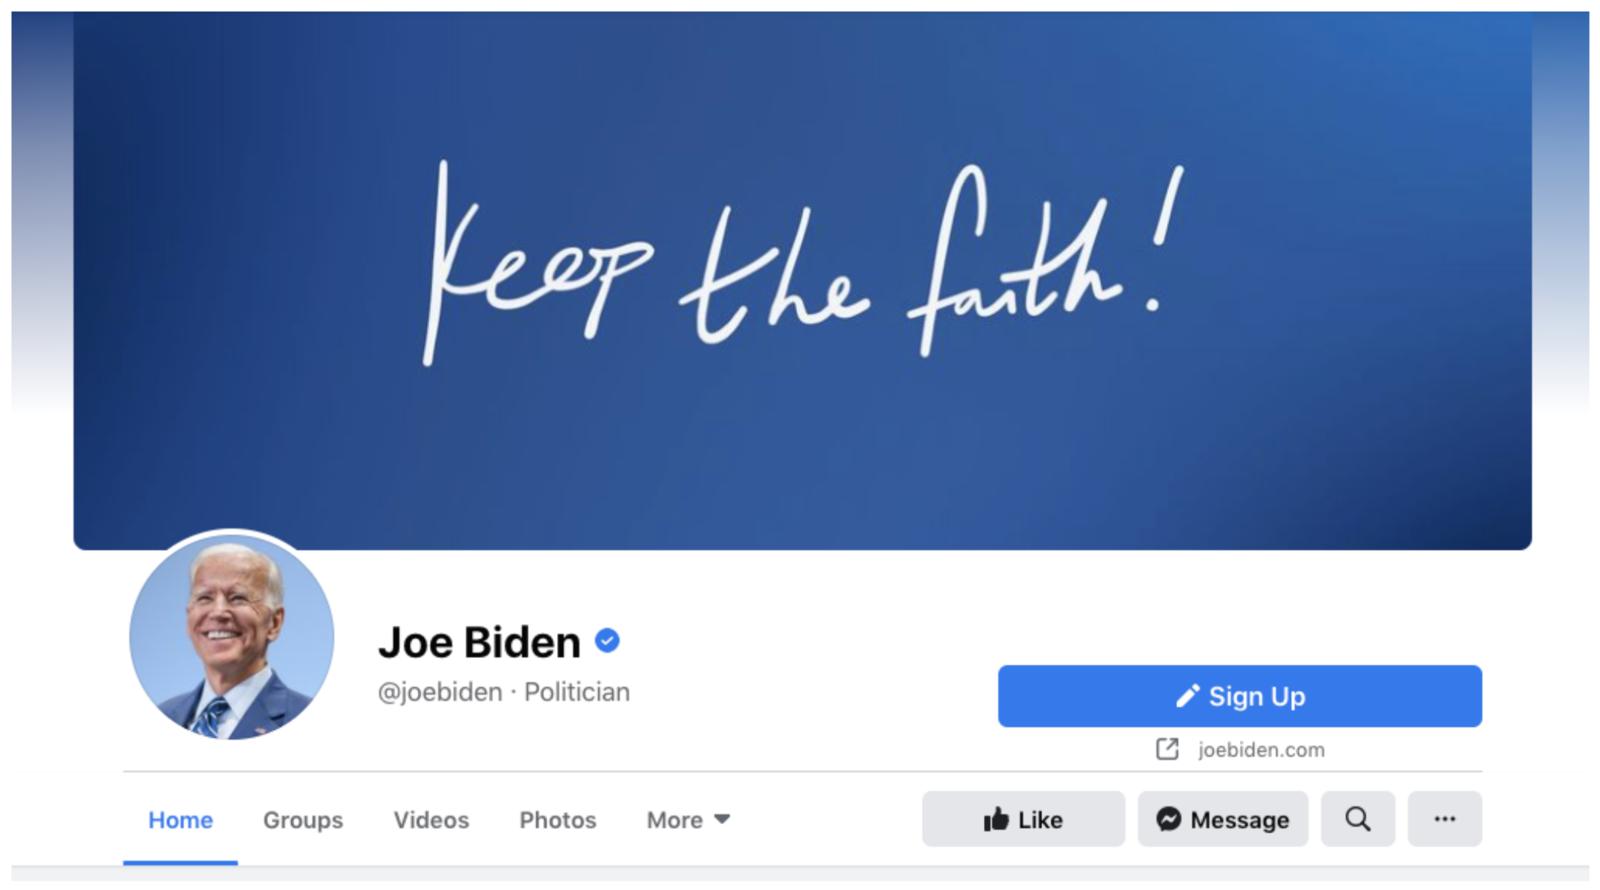 Joe Biden Facebook Cover Image Example